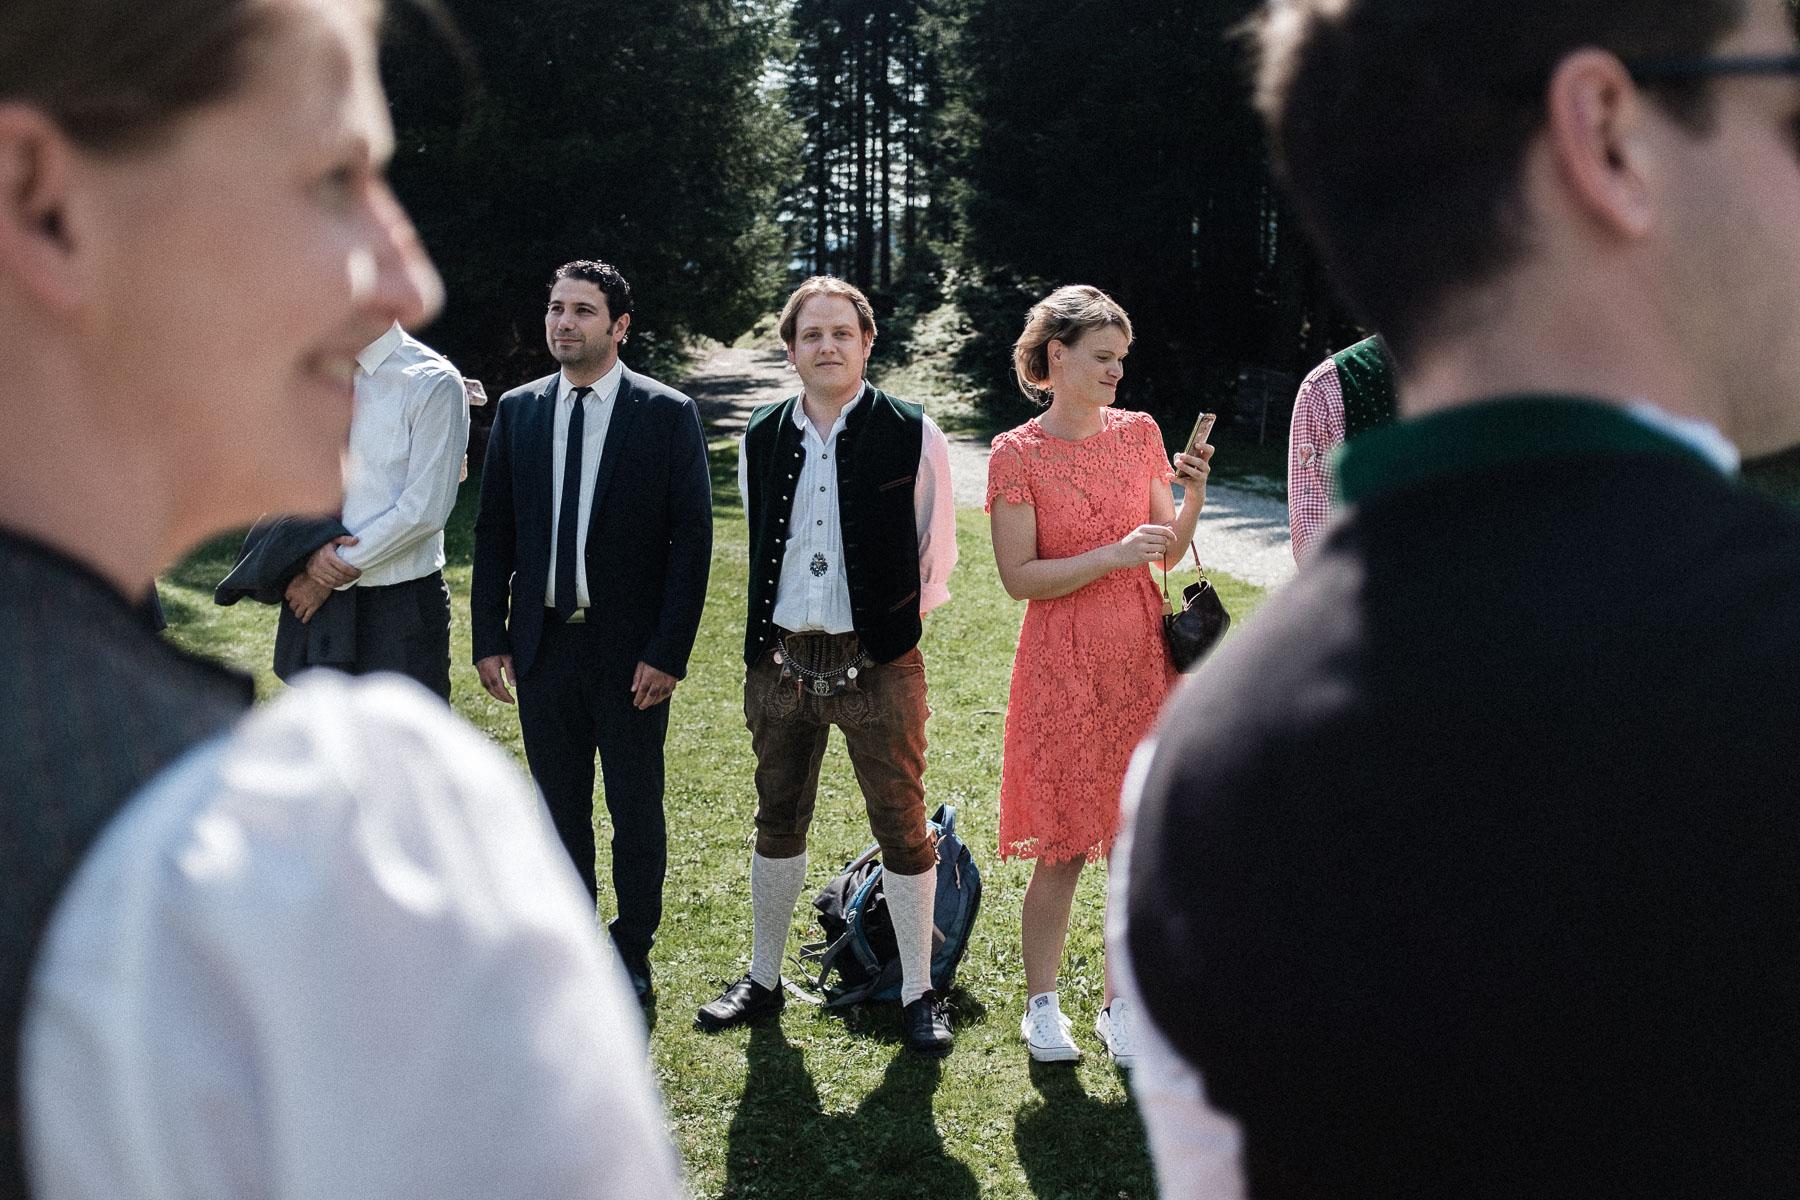 MartinLiebl_Hochzeitsfotograf_DPH_Blog_32.jpg